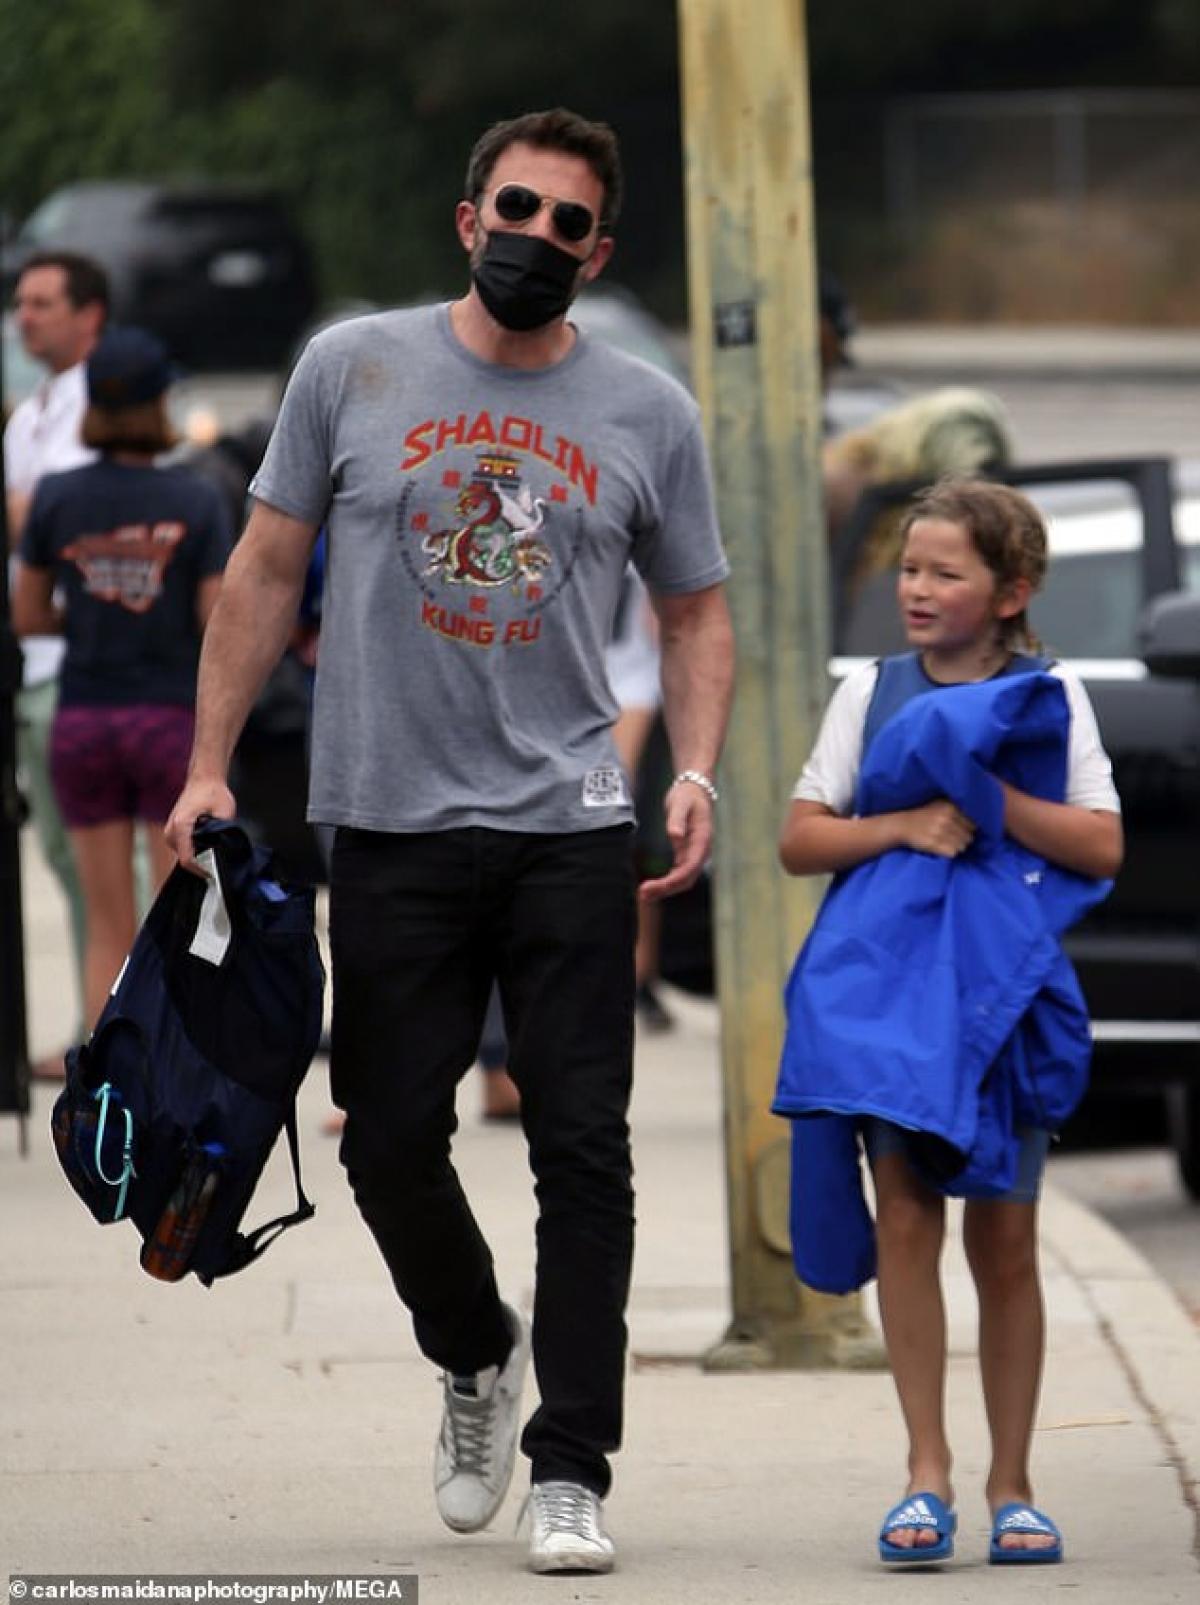 Nam diễn viên vui vẻ trò chuyện cùng con gái trên phố.